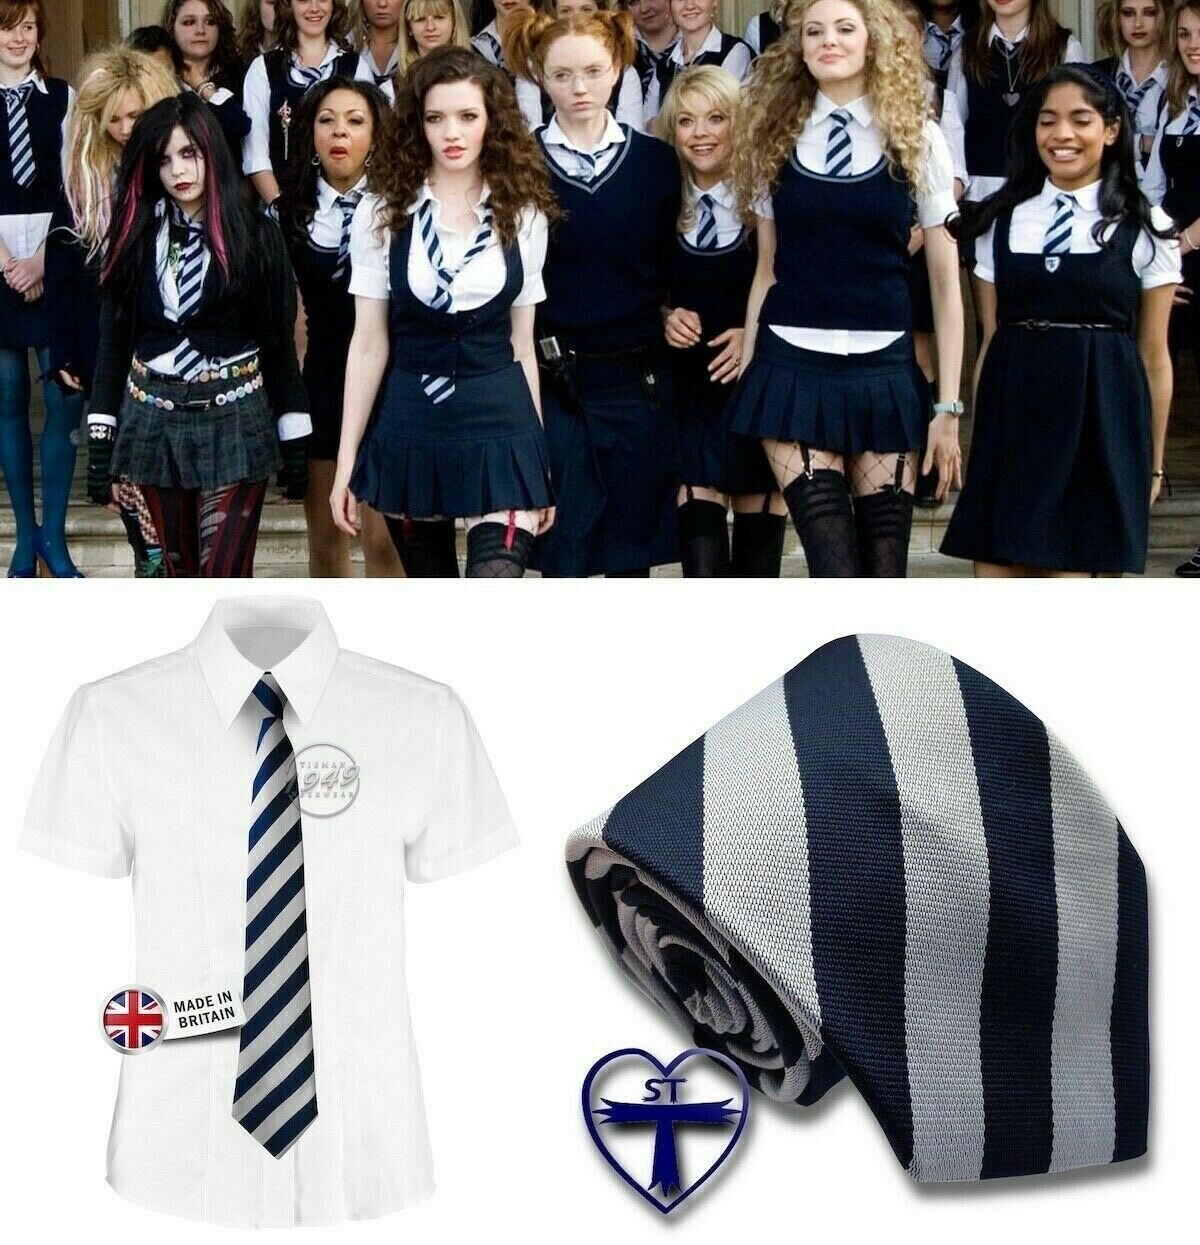 Escuela Tie-St Trinian's Ties Azul Marino/Gris elaborado vestido de uniforme-British hecho